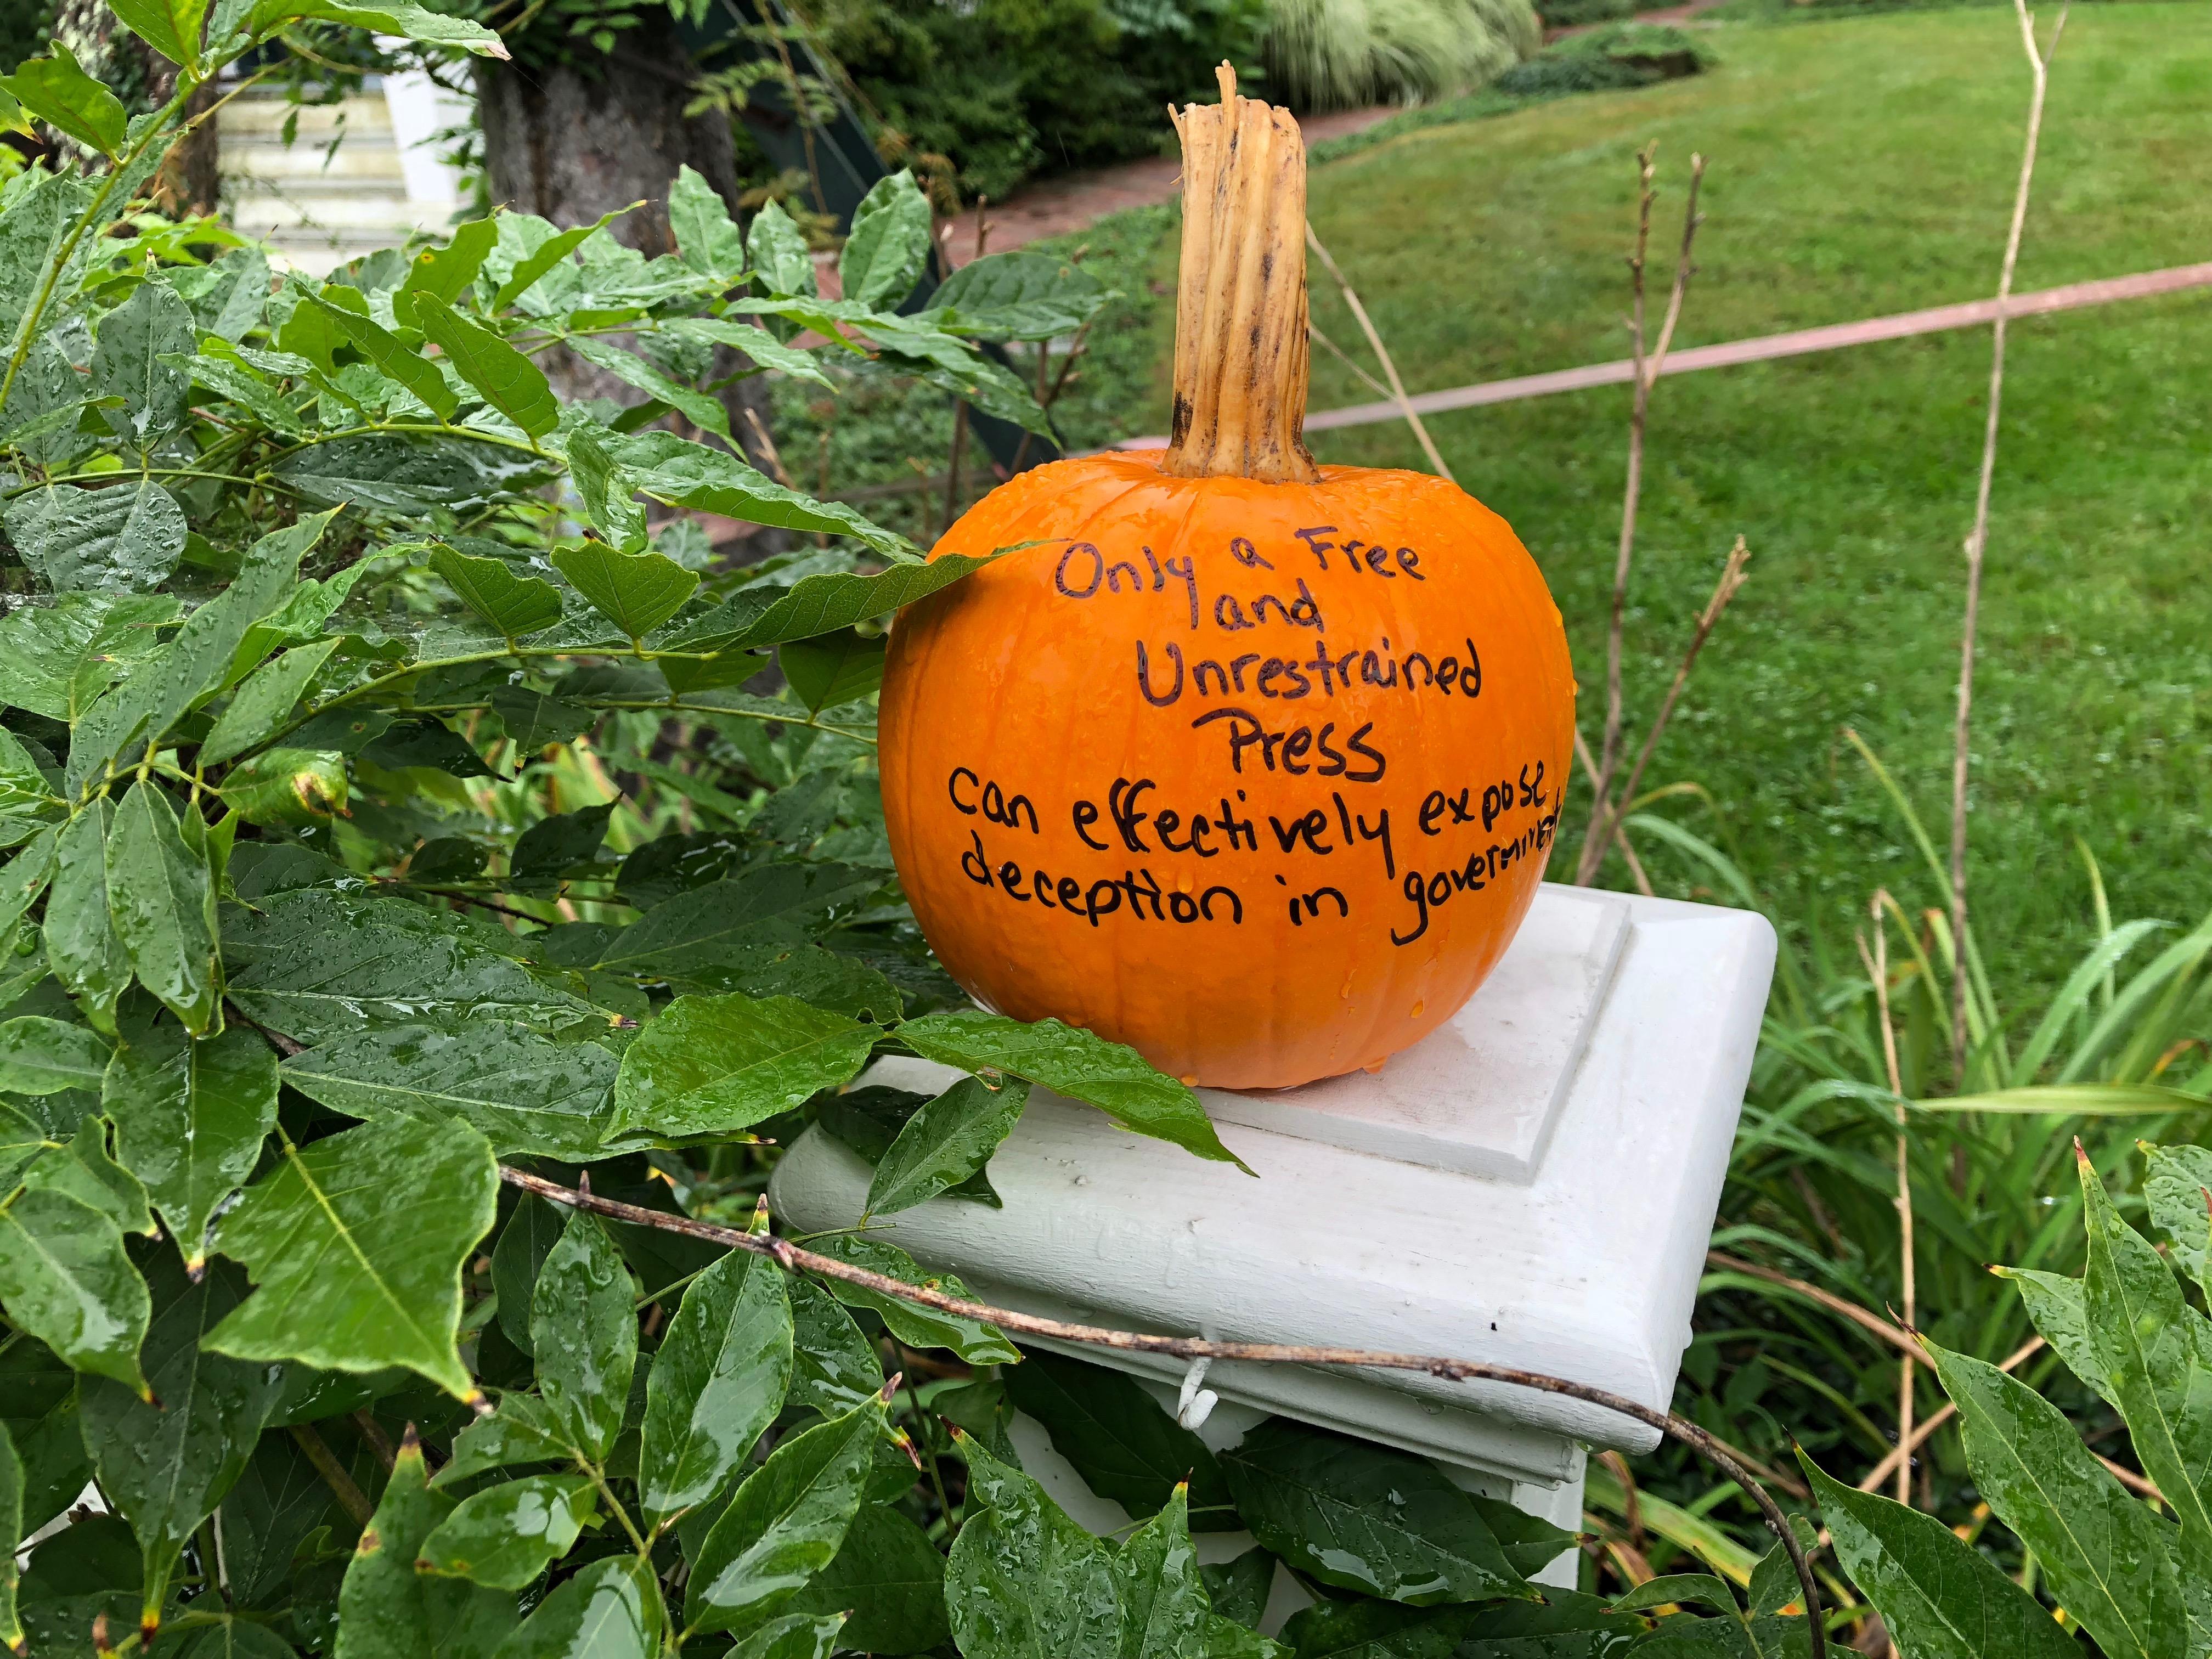 092818-Justice-Black-addresses-free-press-on-pumpkin